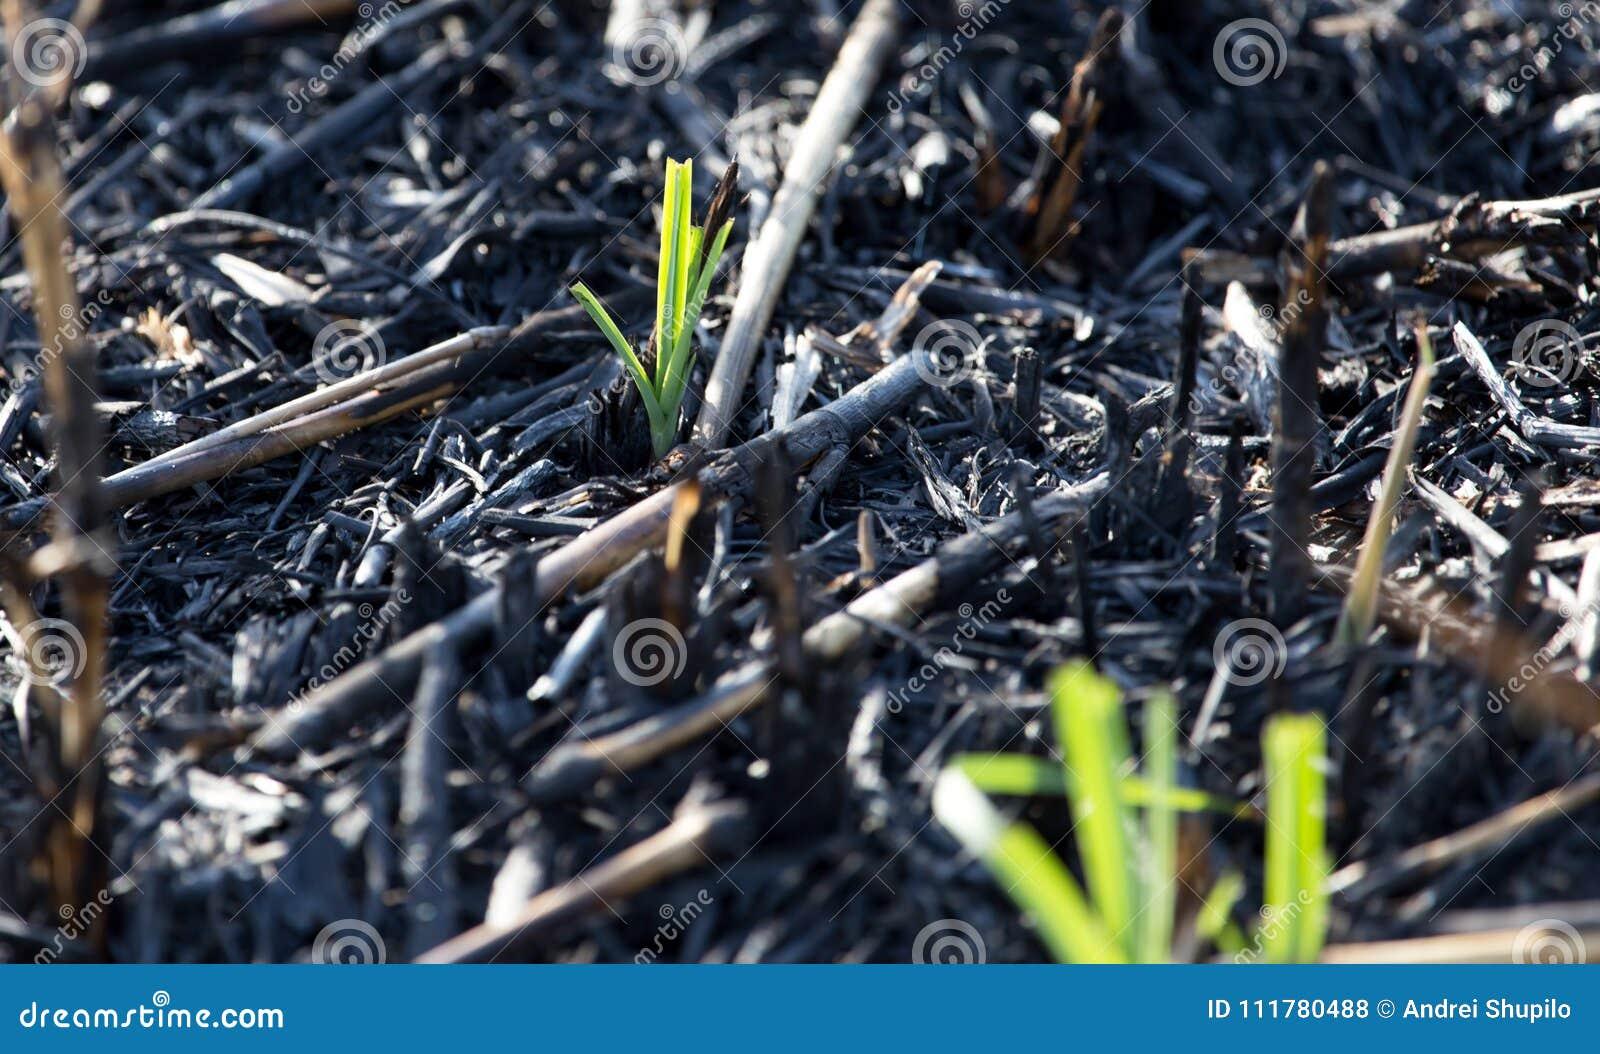 Green shoots after a fire